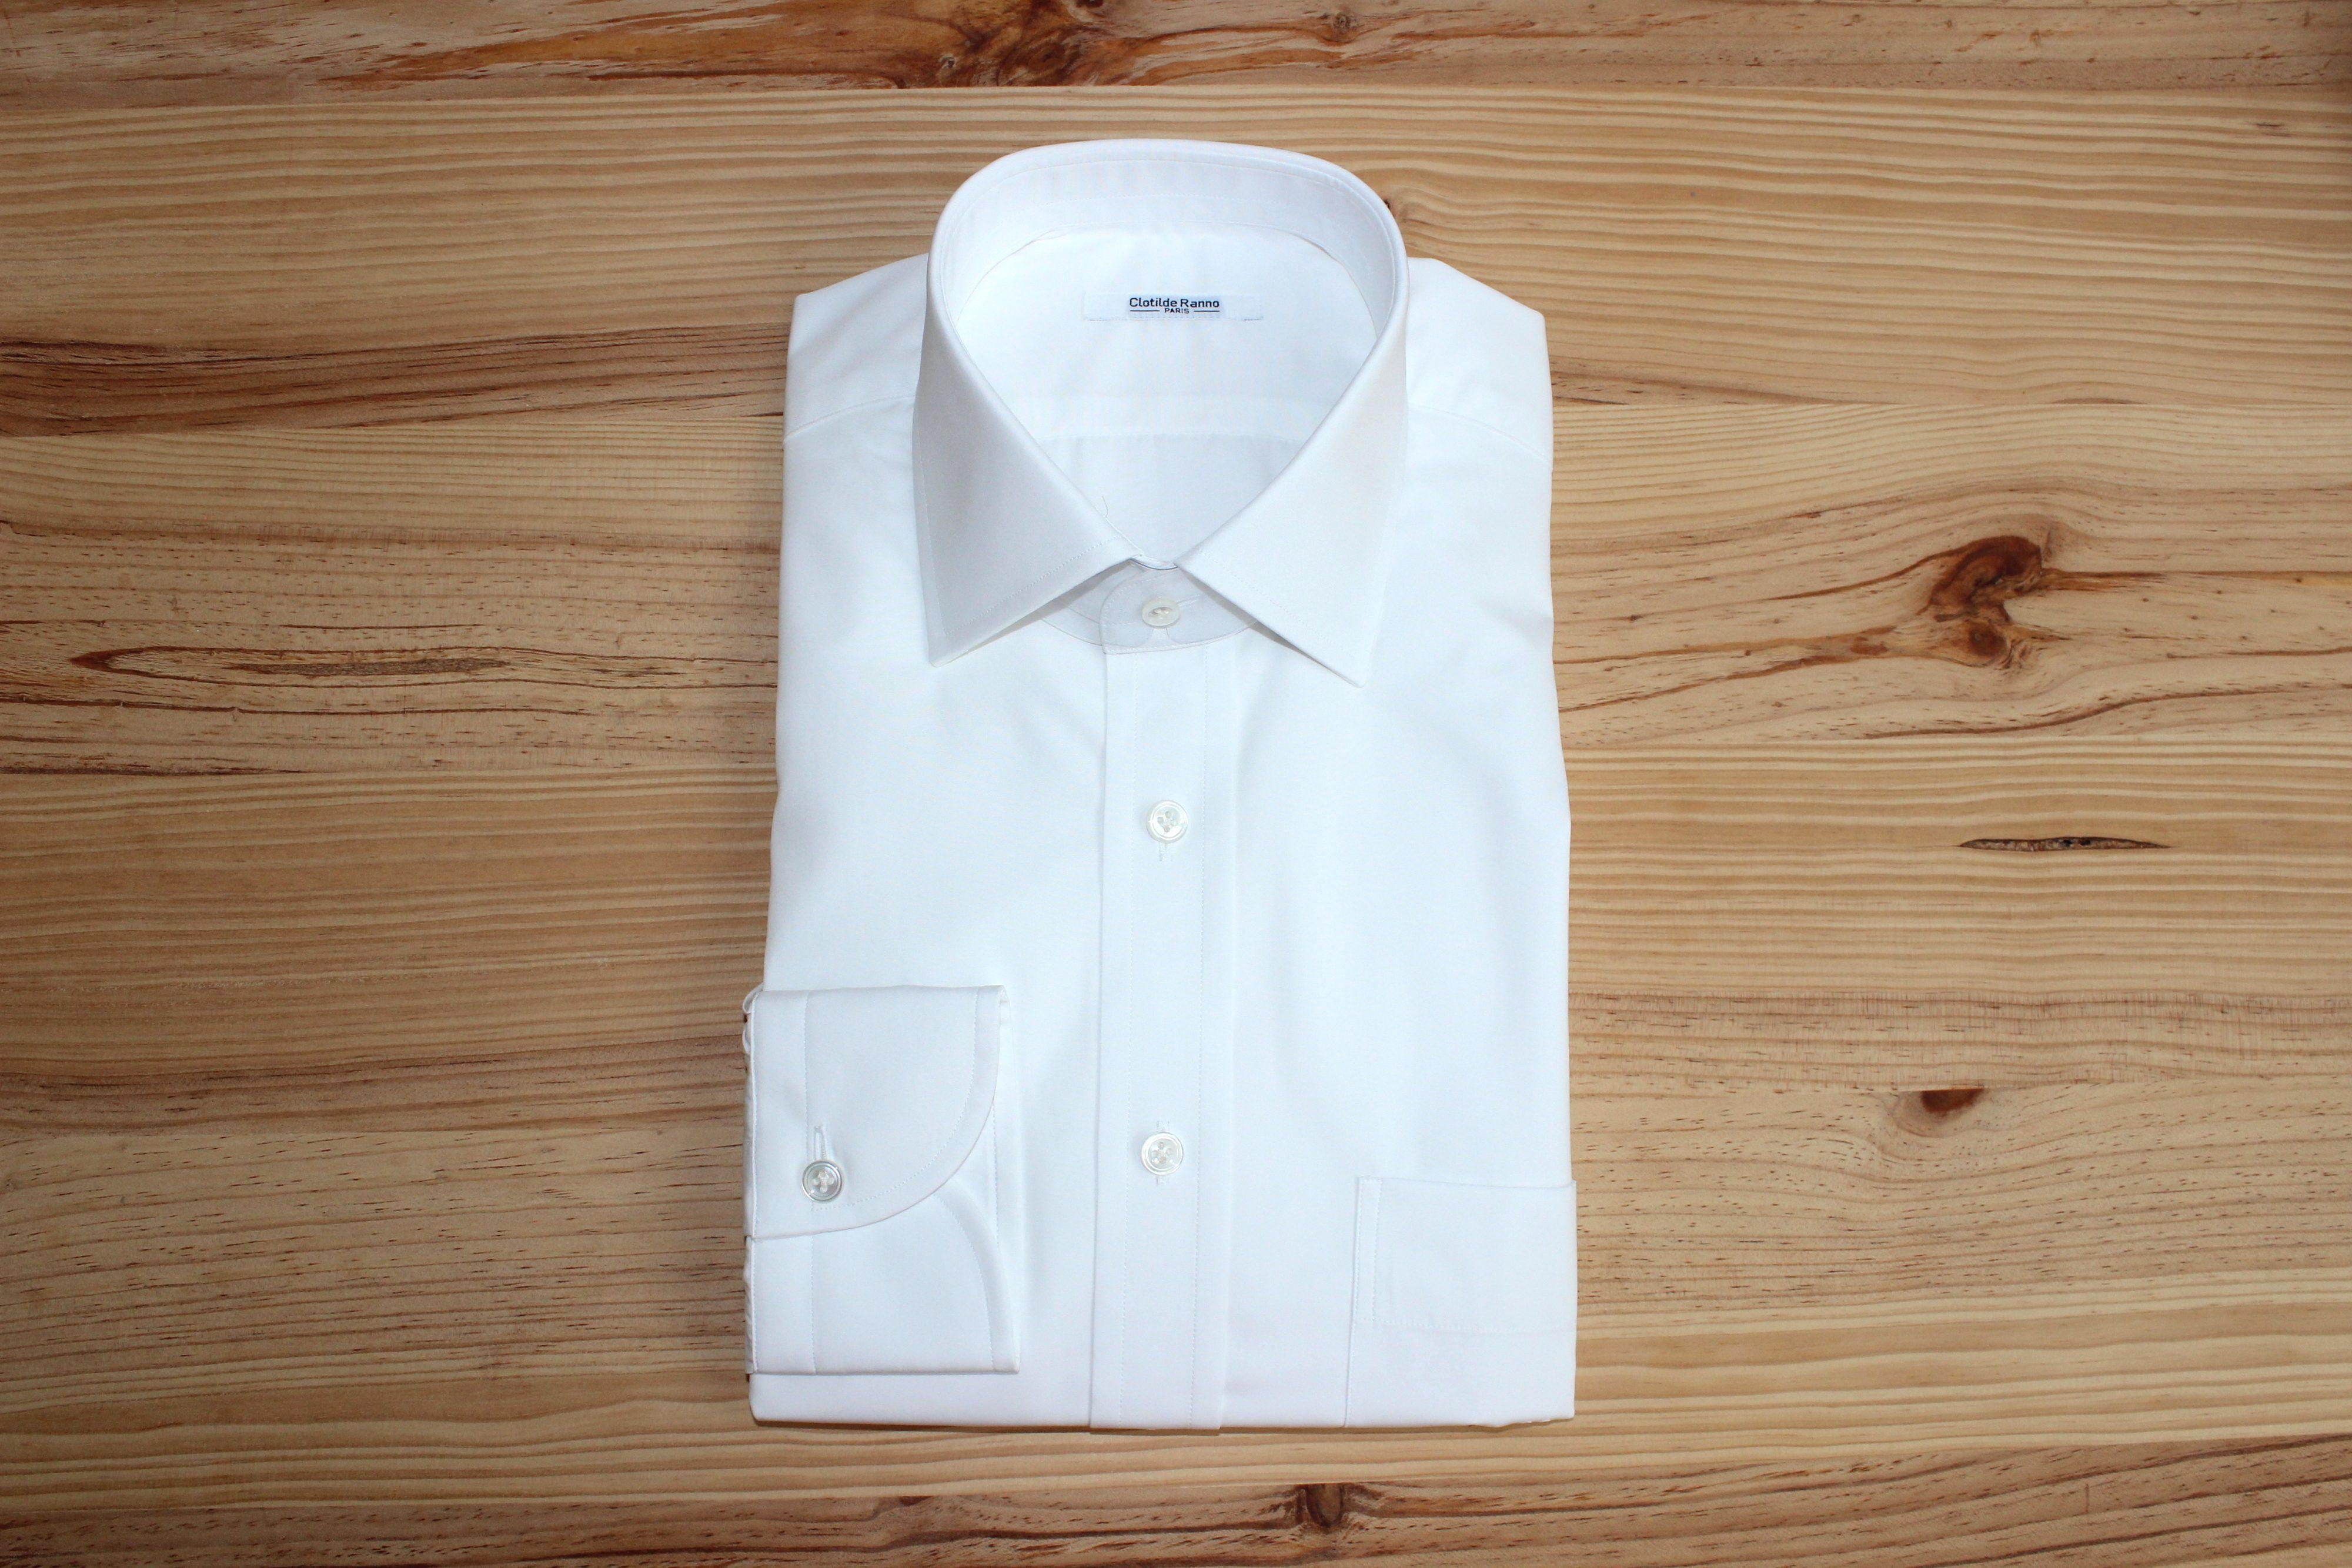 chemise sur mesure stretch coton egyptien, chemise sur mesure stretch, chemise sur mesure coton egyptien, chemise stretch coton egyptien